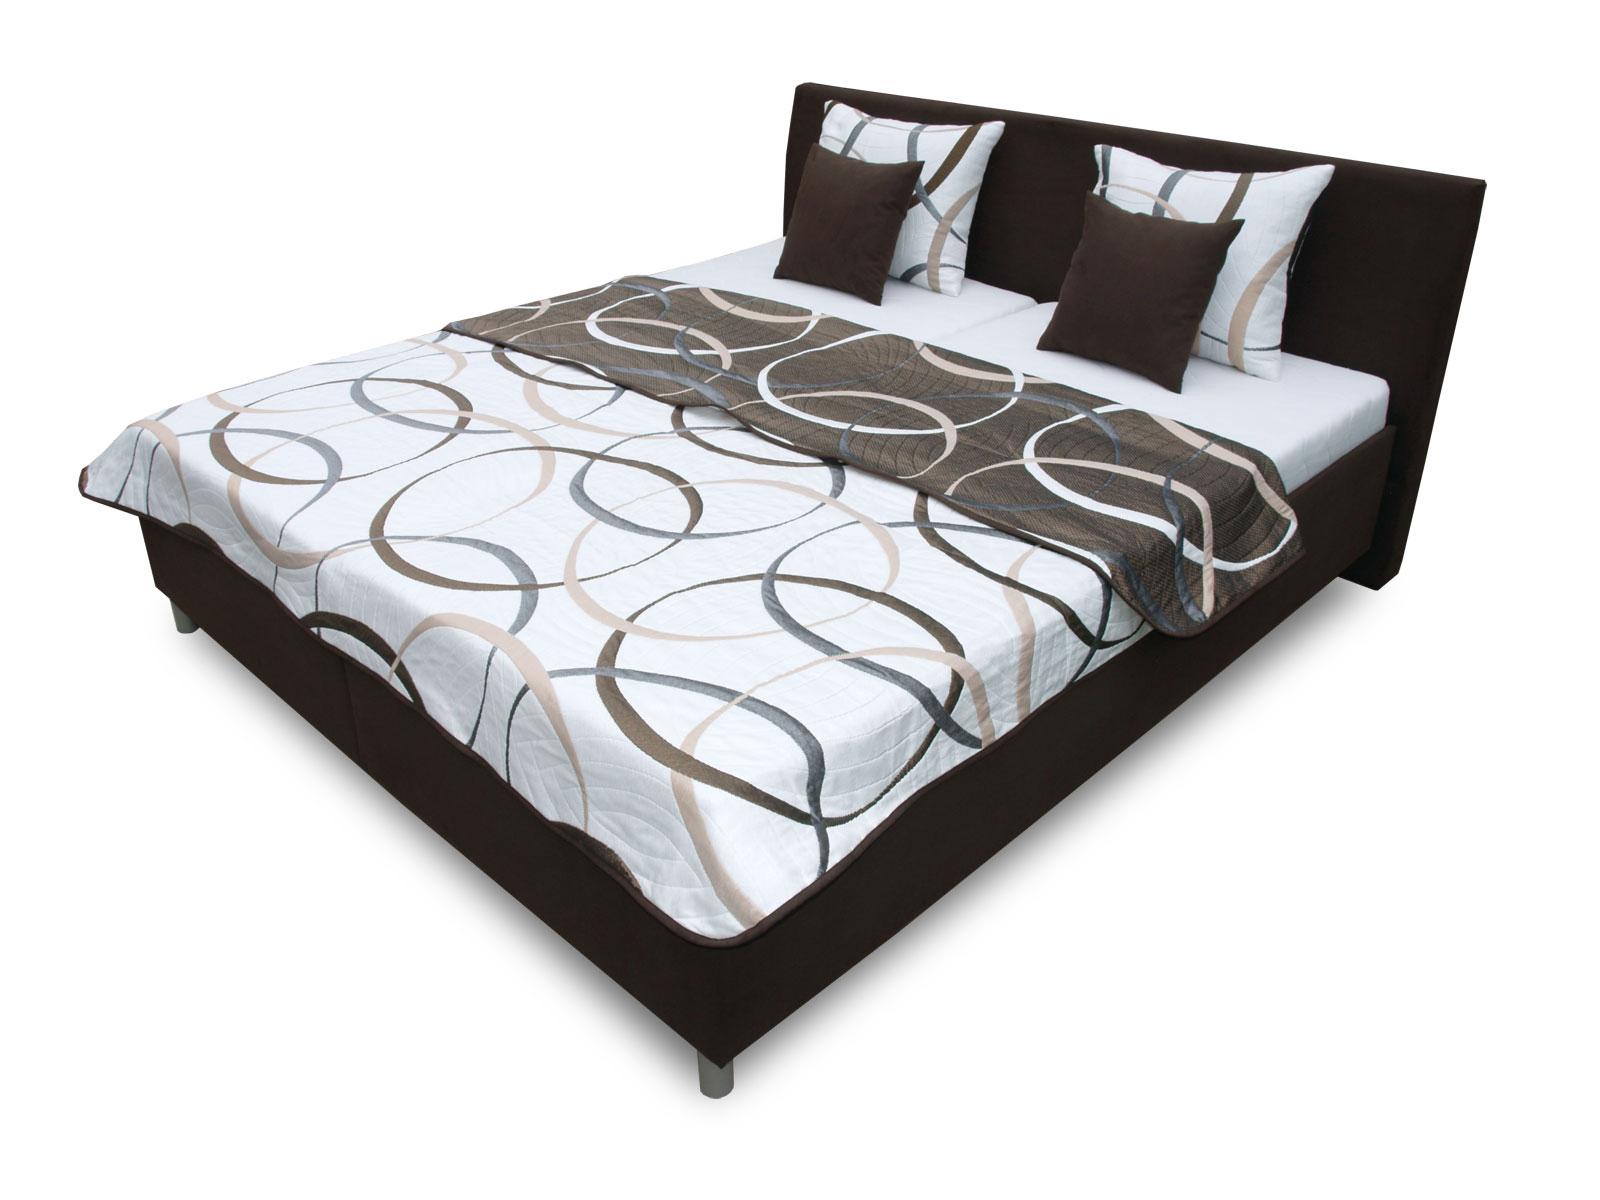 Manželská postel 180 cm - Benab - Montana (s rošty, přehozem a polštáři)